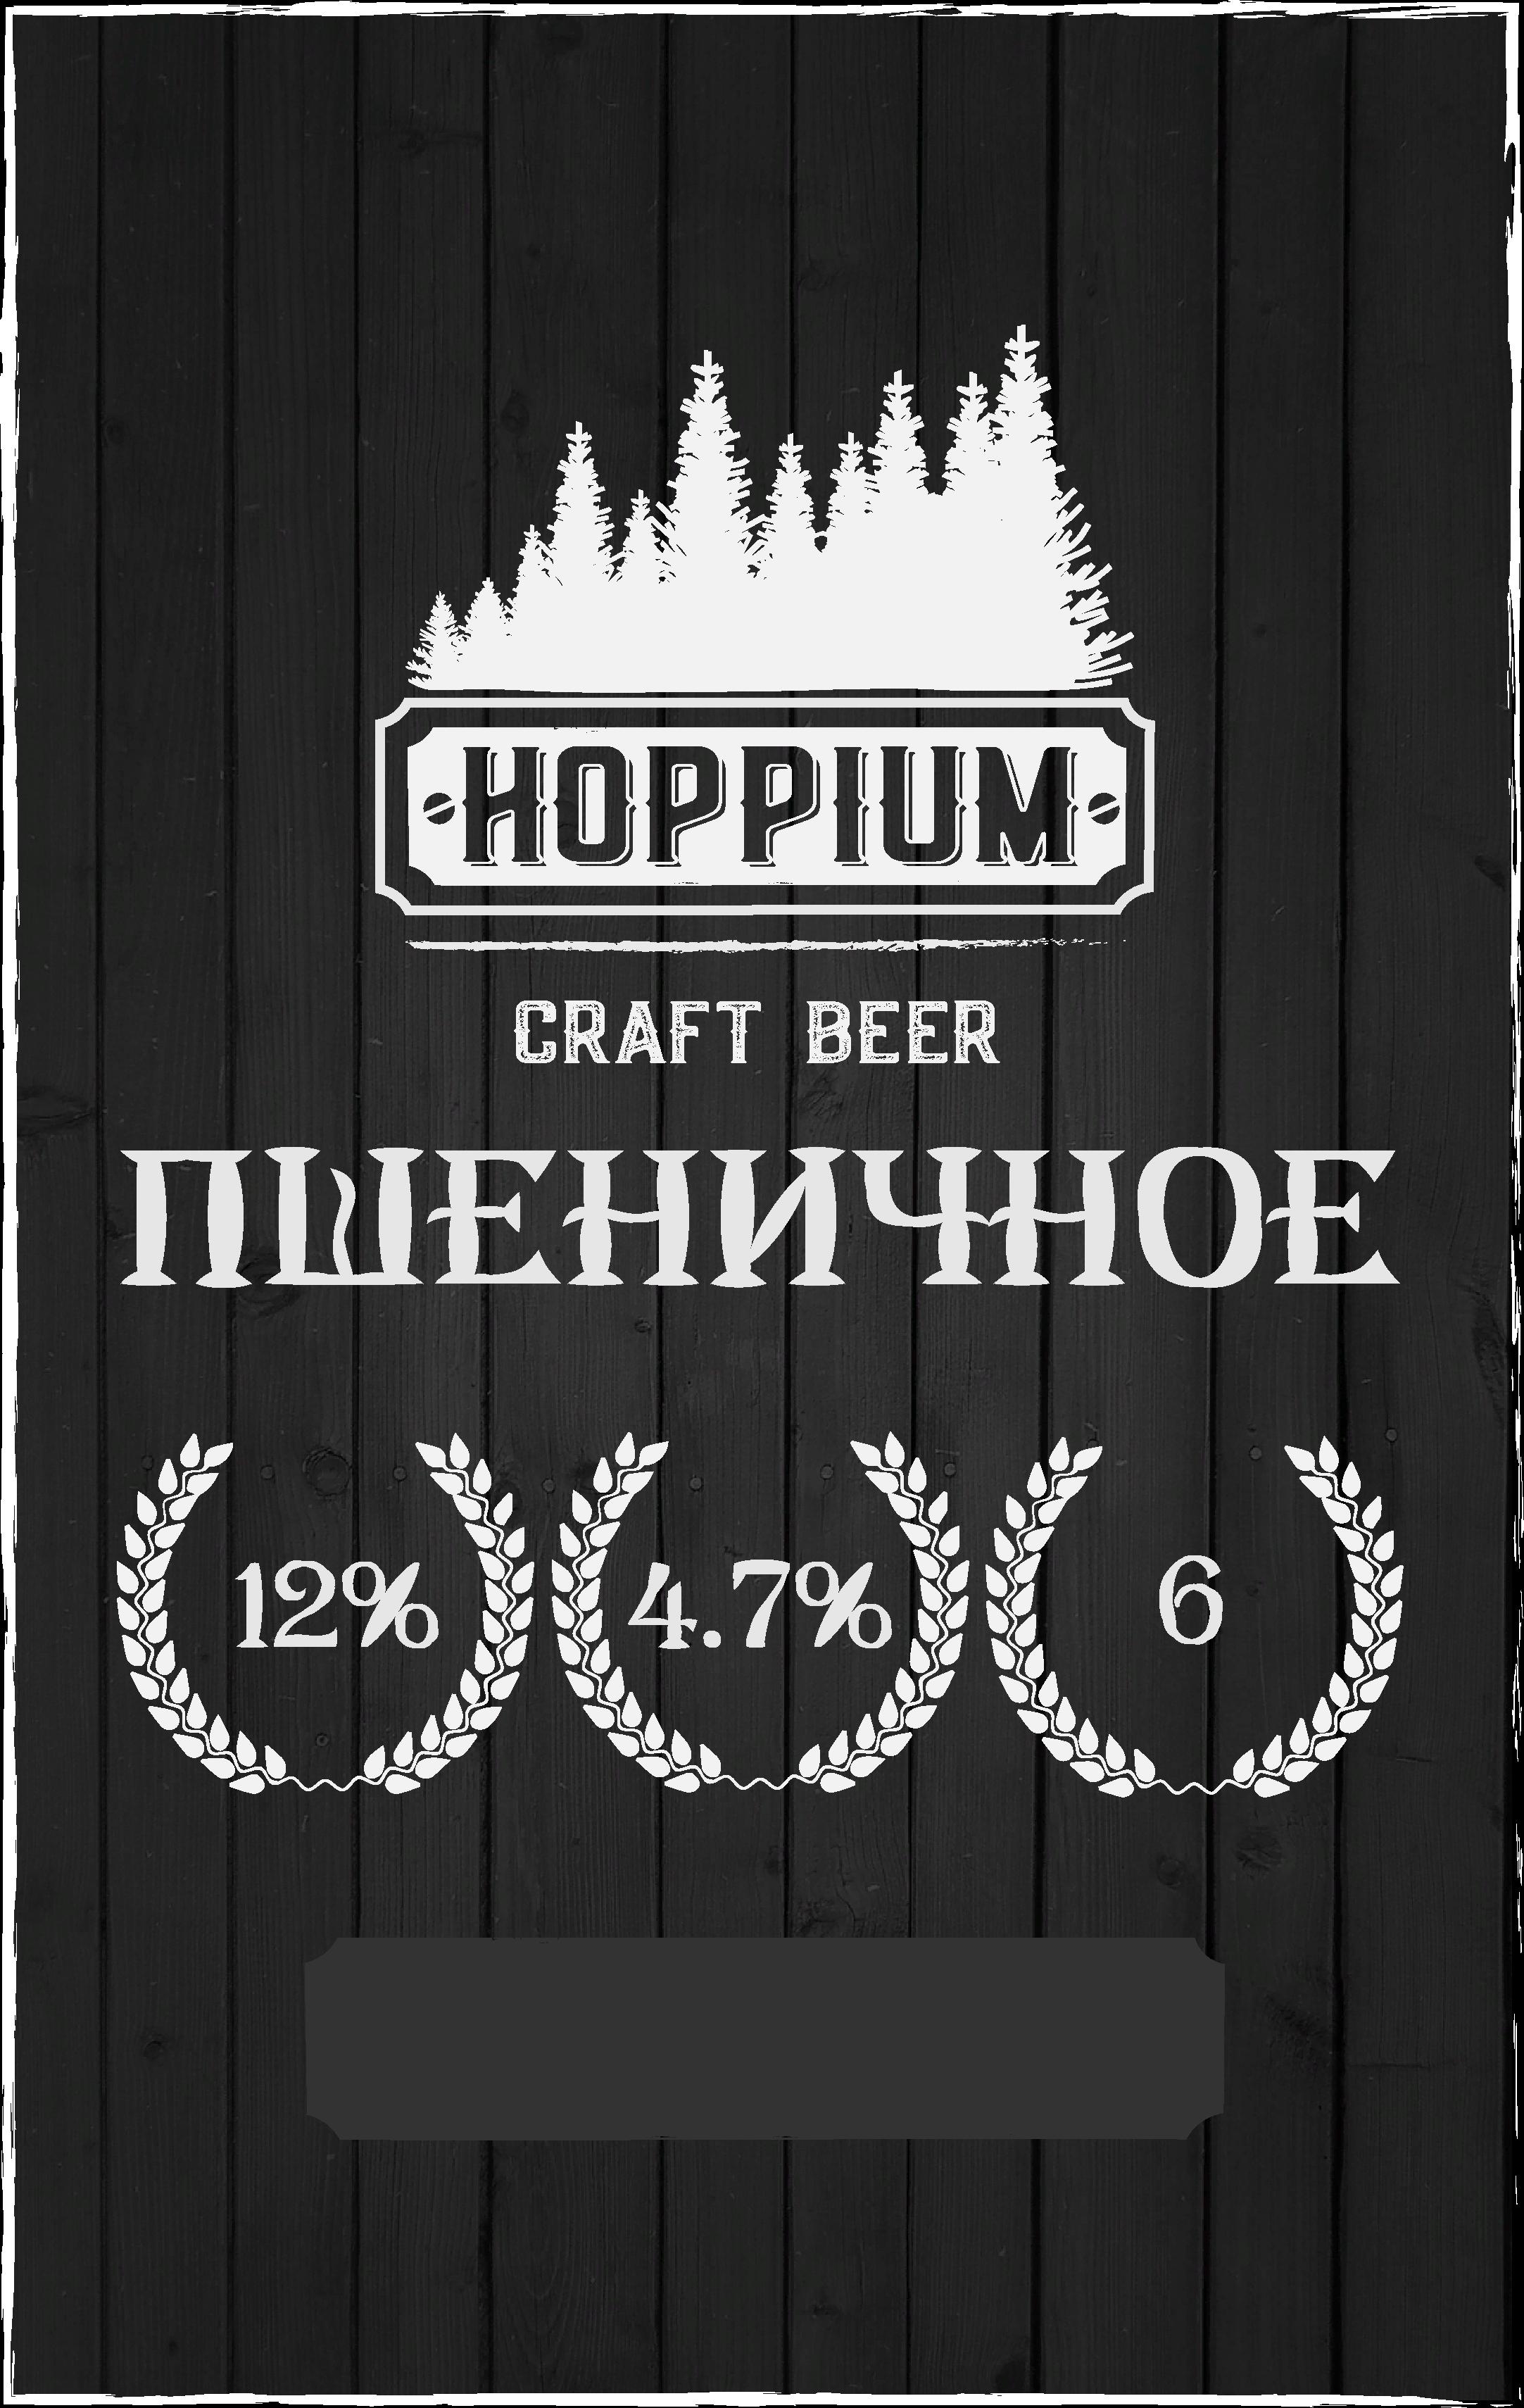 Логотип + Ценники для подмосковной крафтовой пивоварни фото f_9985dc02bb36f2a8.png